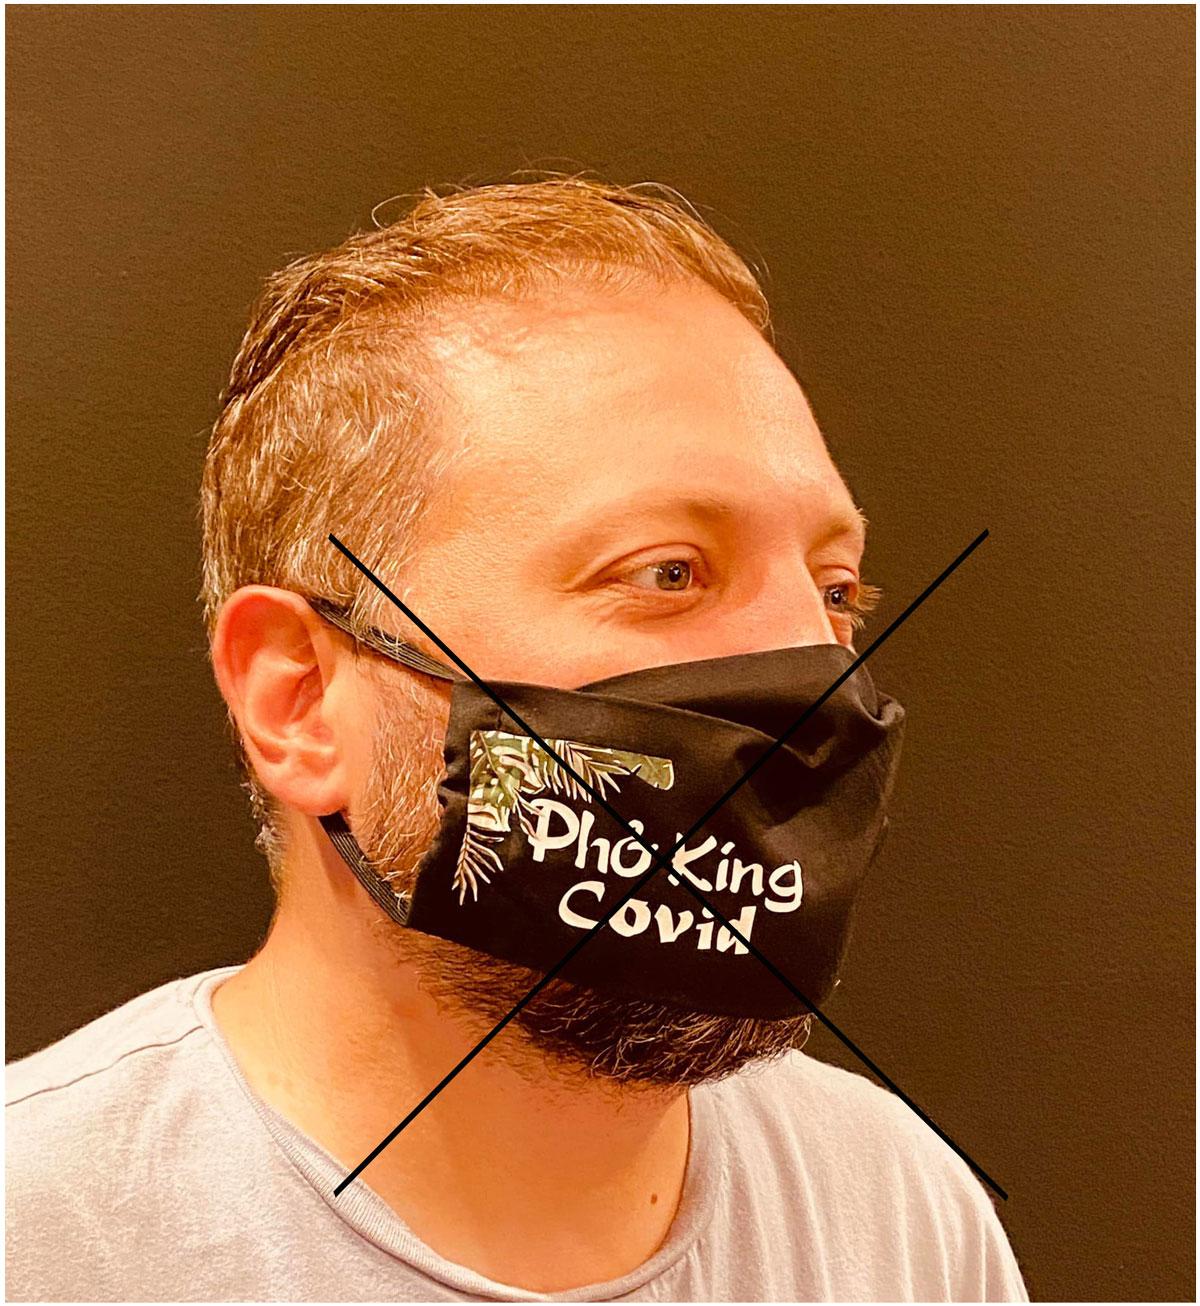 Nhân viên của Phở King Bôn làm riêng khẩu trang gắn chữ Covid khiến cộng đồng mạng tức giận.